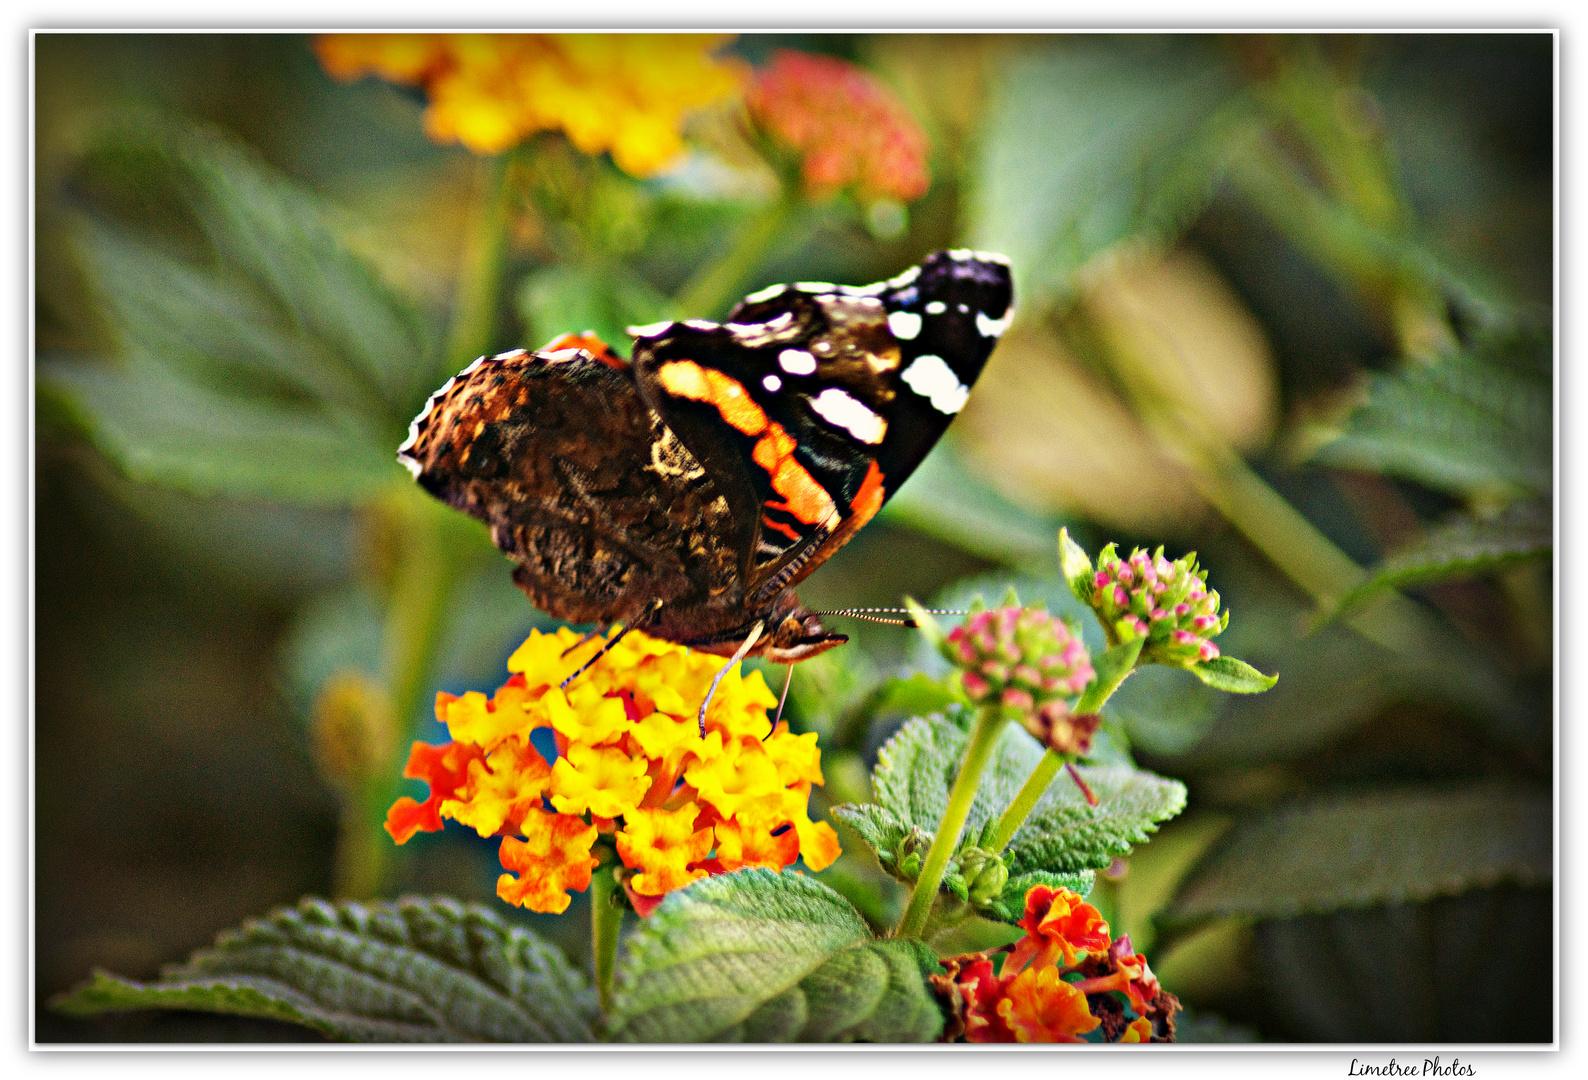 Lepidopteran